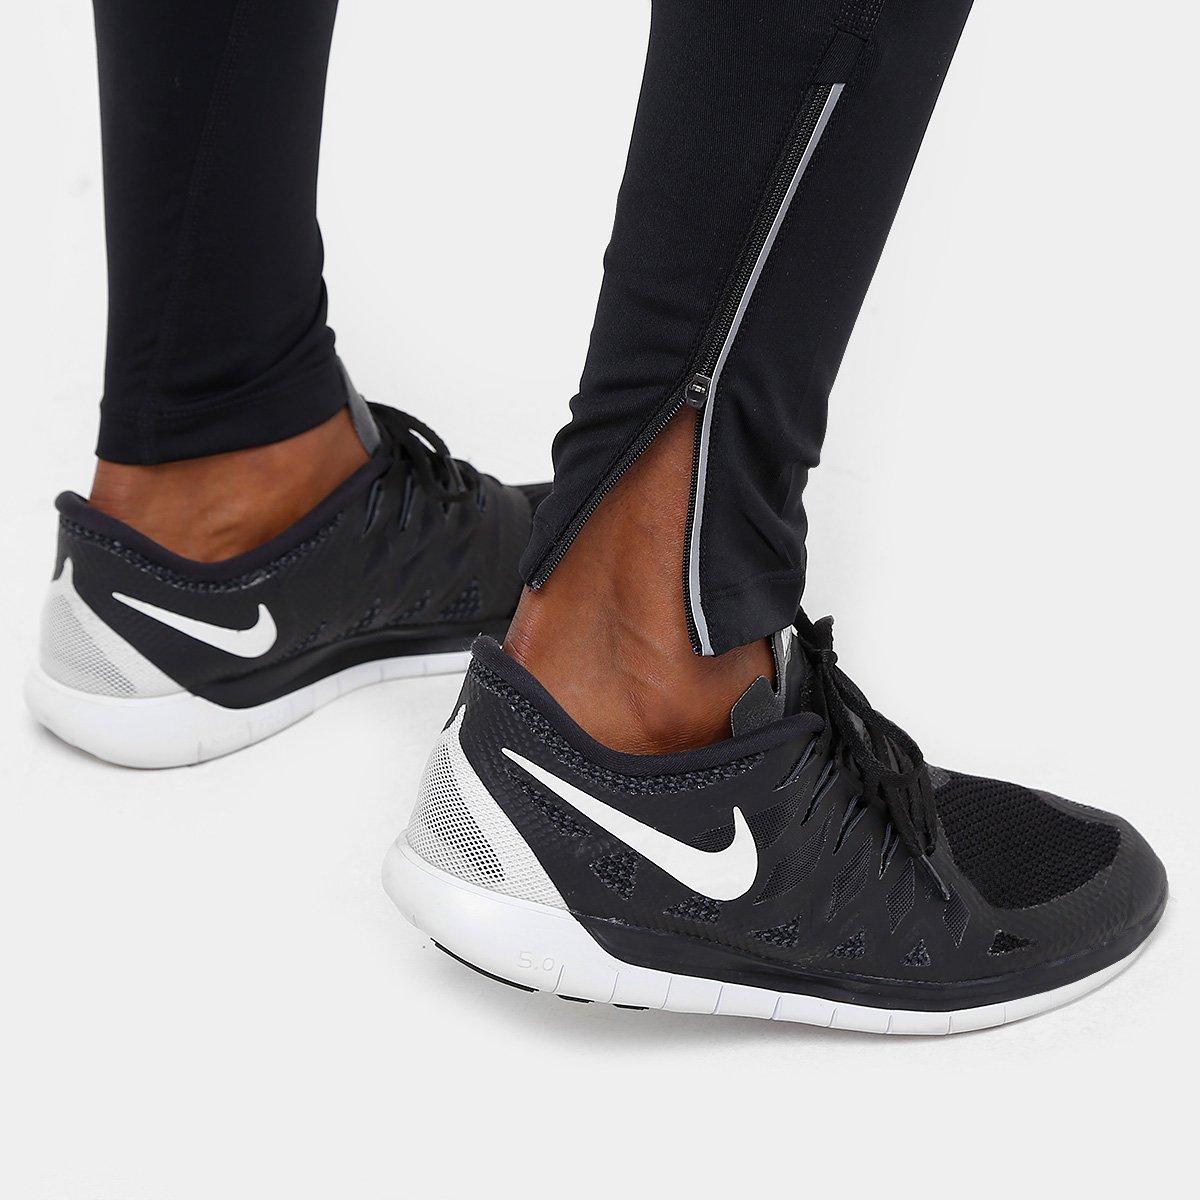 1cd476ed07 Calça Nike Power Run TGHT Dri-Fit Masculina - Preto - Compre Agora ...